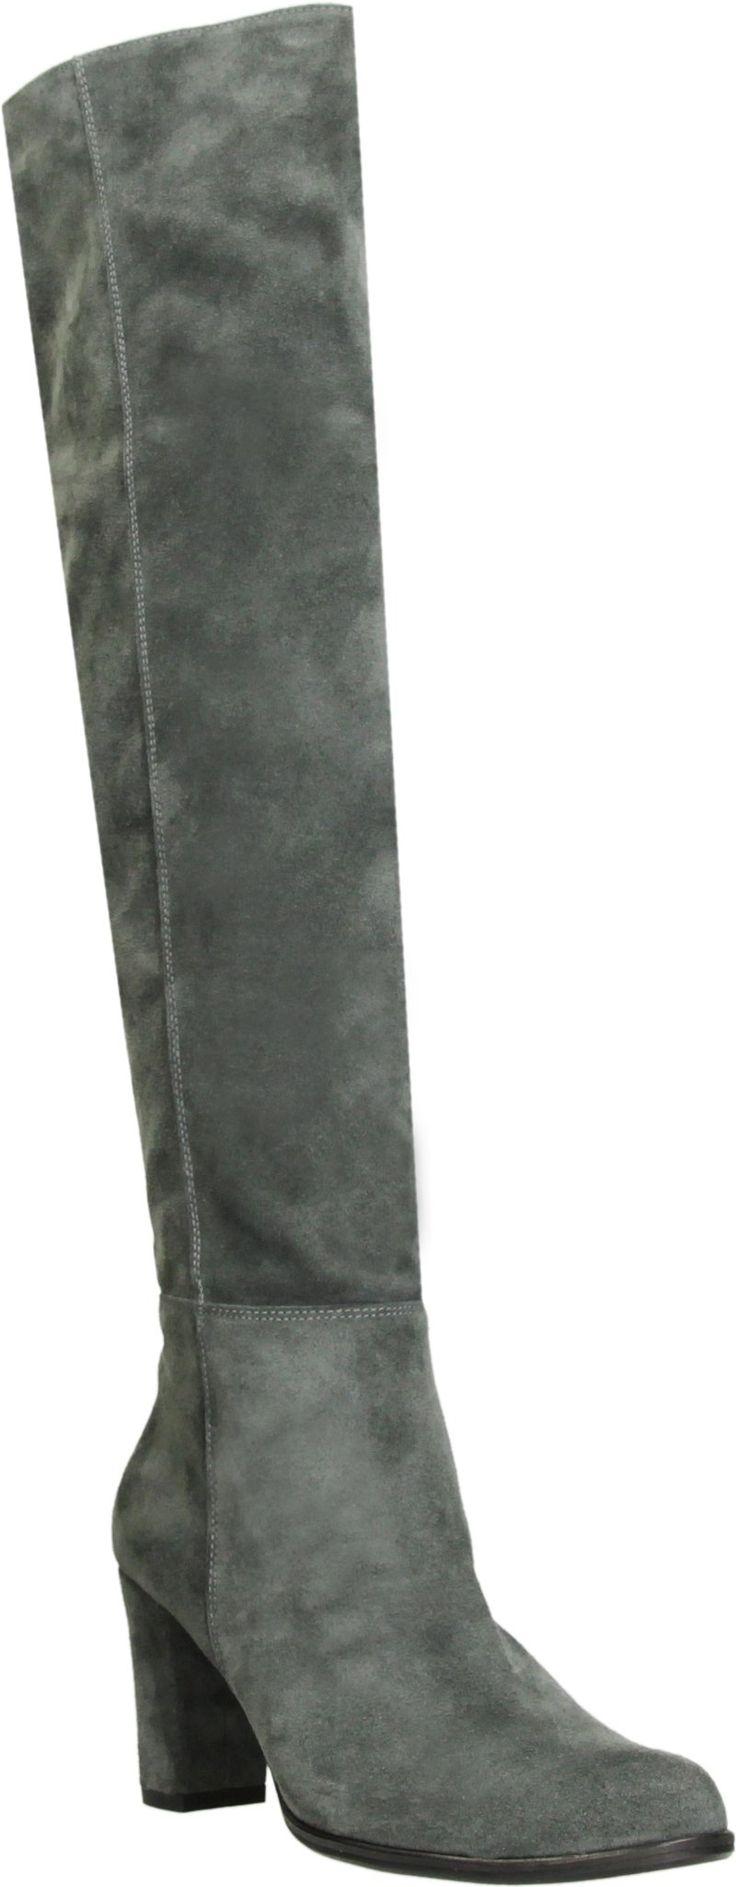 Odkrywaj najnowsze trendy modowe, inspiruj się naszymi butami, torebkami i dodatkami. CCC jest zawsze w modzie!